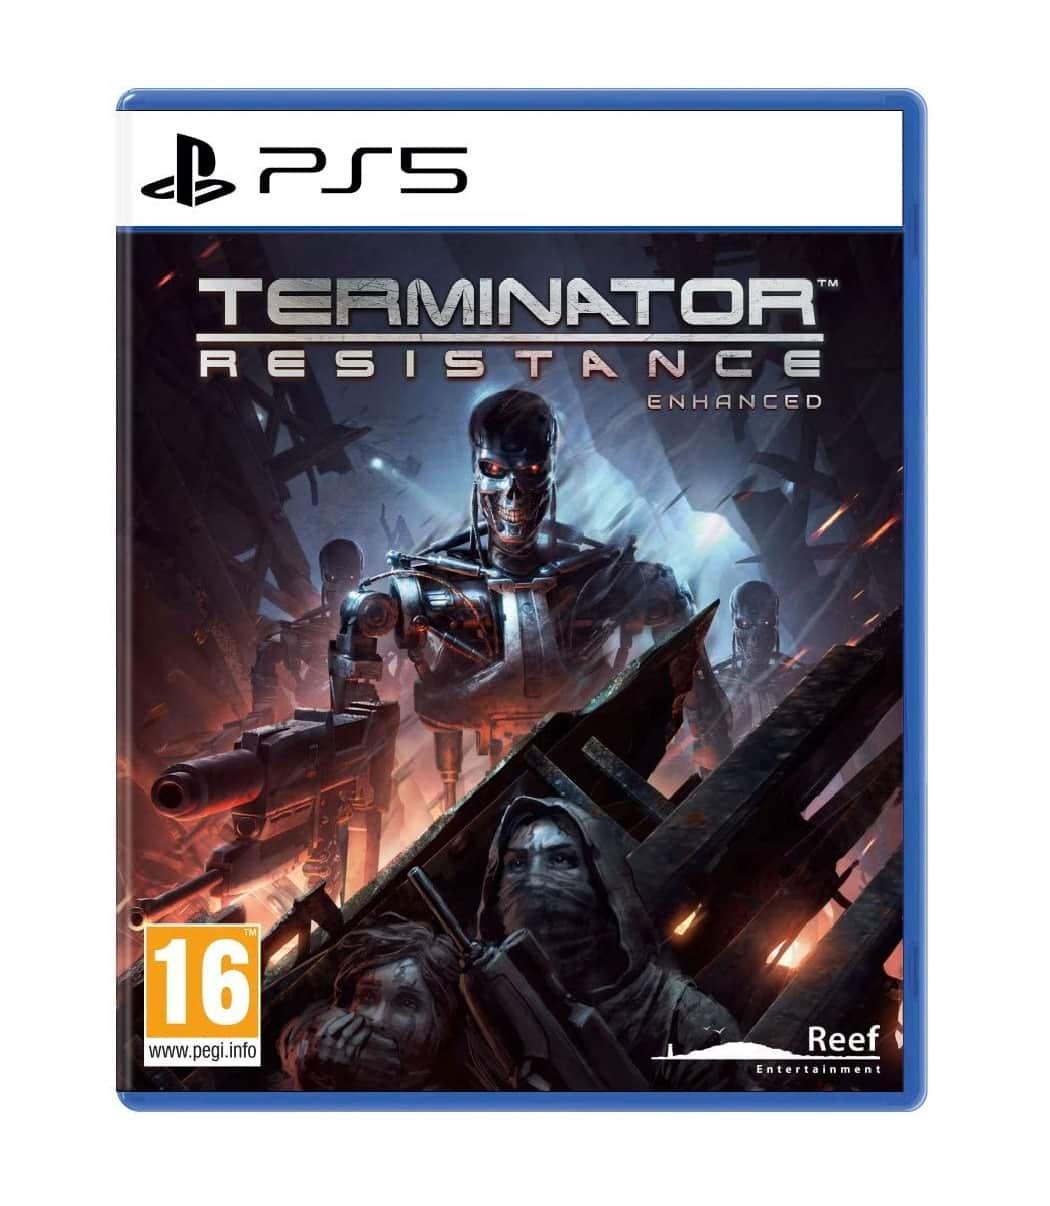 Ps5 Terminator Sosogames